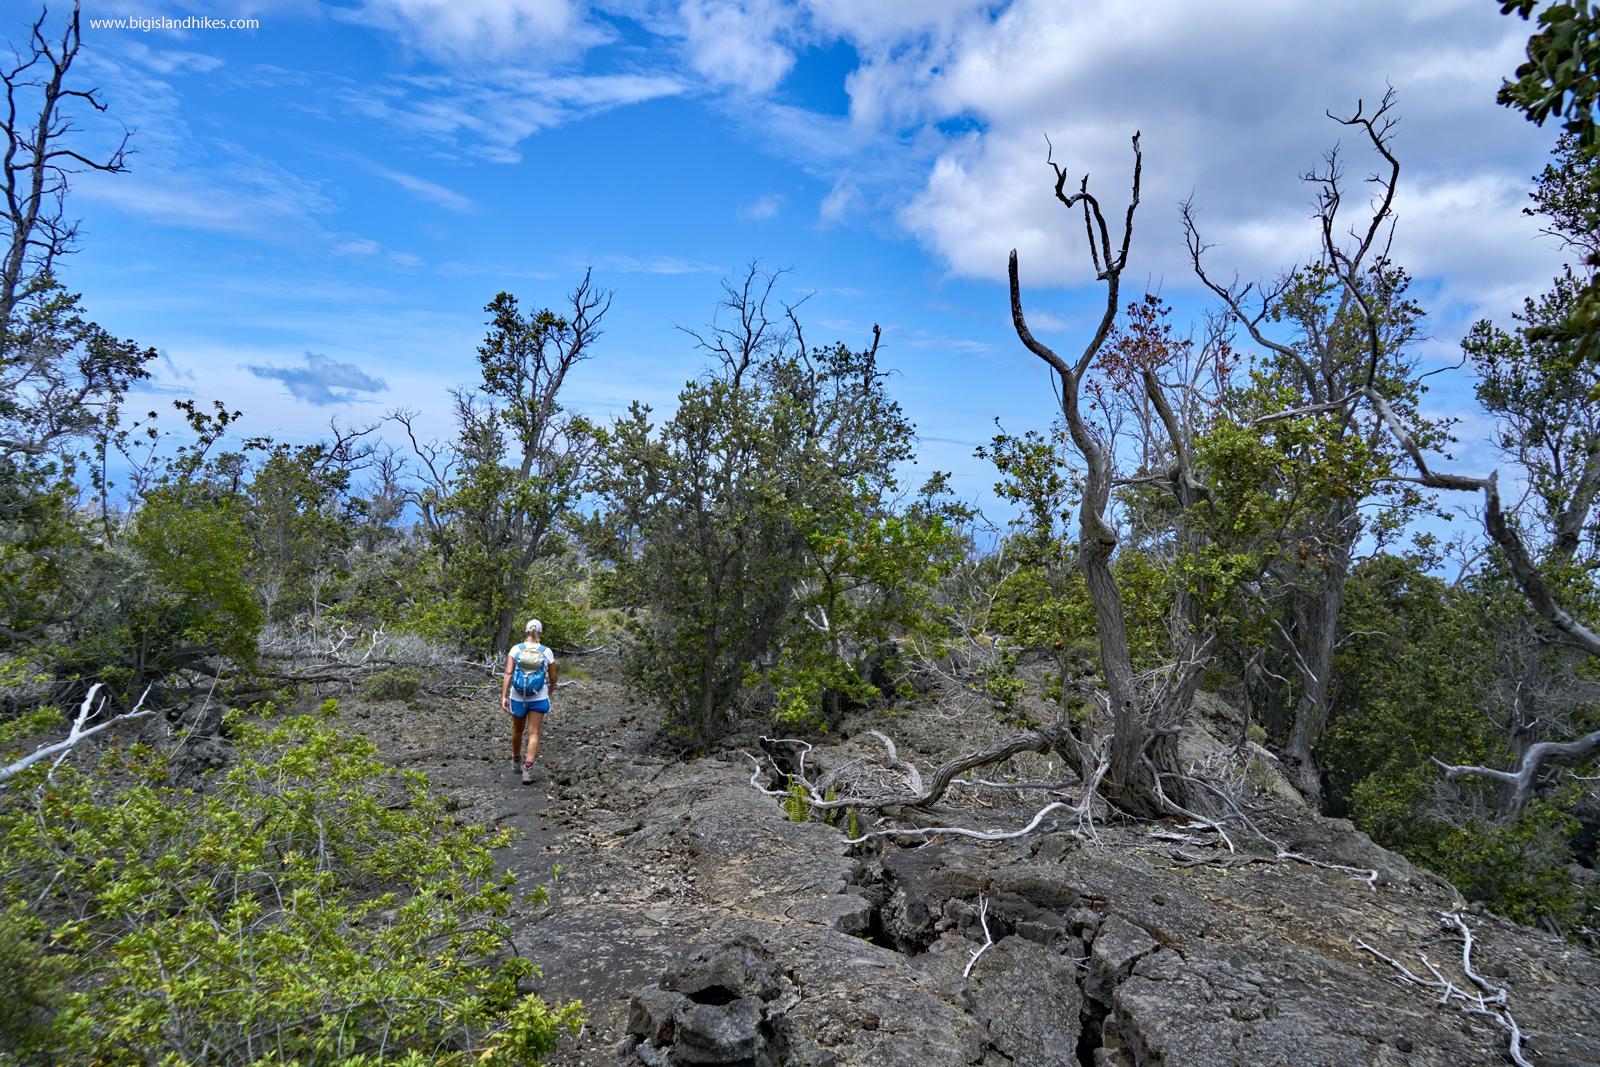 kaheawai trail hike.jpg